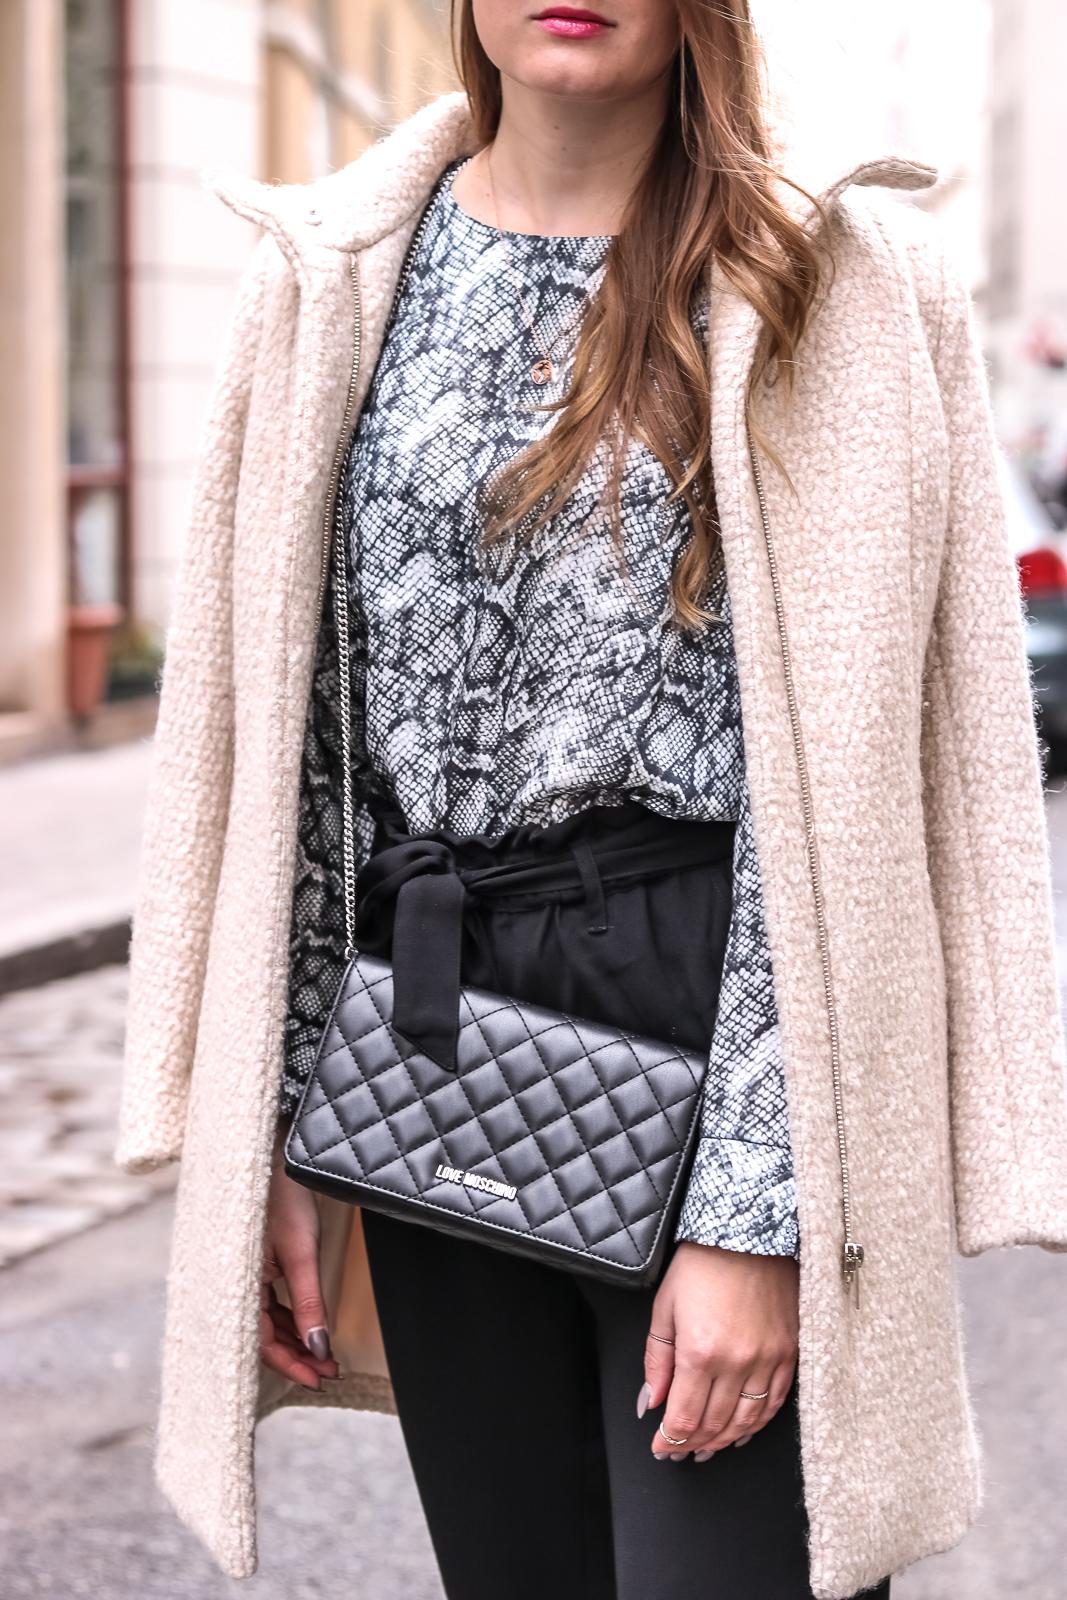 Snake Print - so stylst du den Schlangenlook - der Animal Pint Trend - Schlangenmuster Bluse kombinieren - Schlangenlook Trend - Trendmuster - Modetrend - Fashionladyloves by Tamara Wagner - Fashion Blog